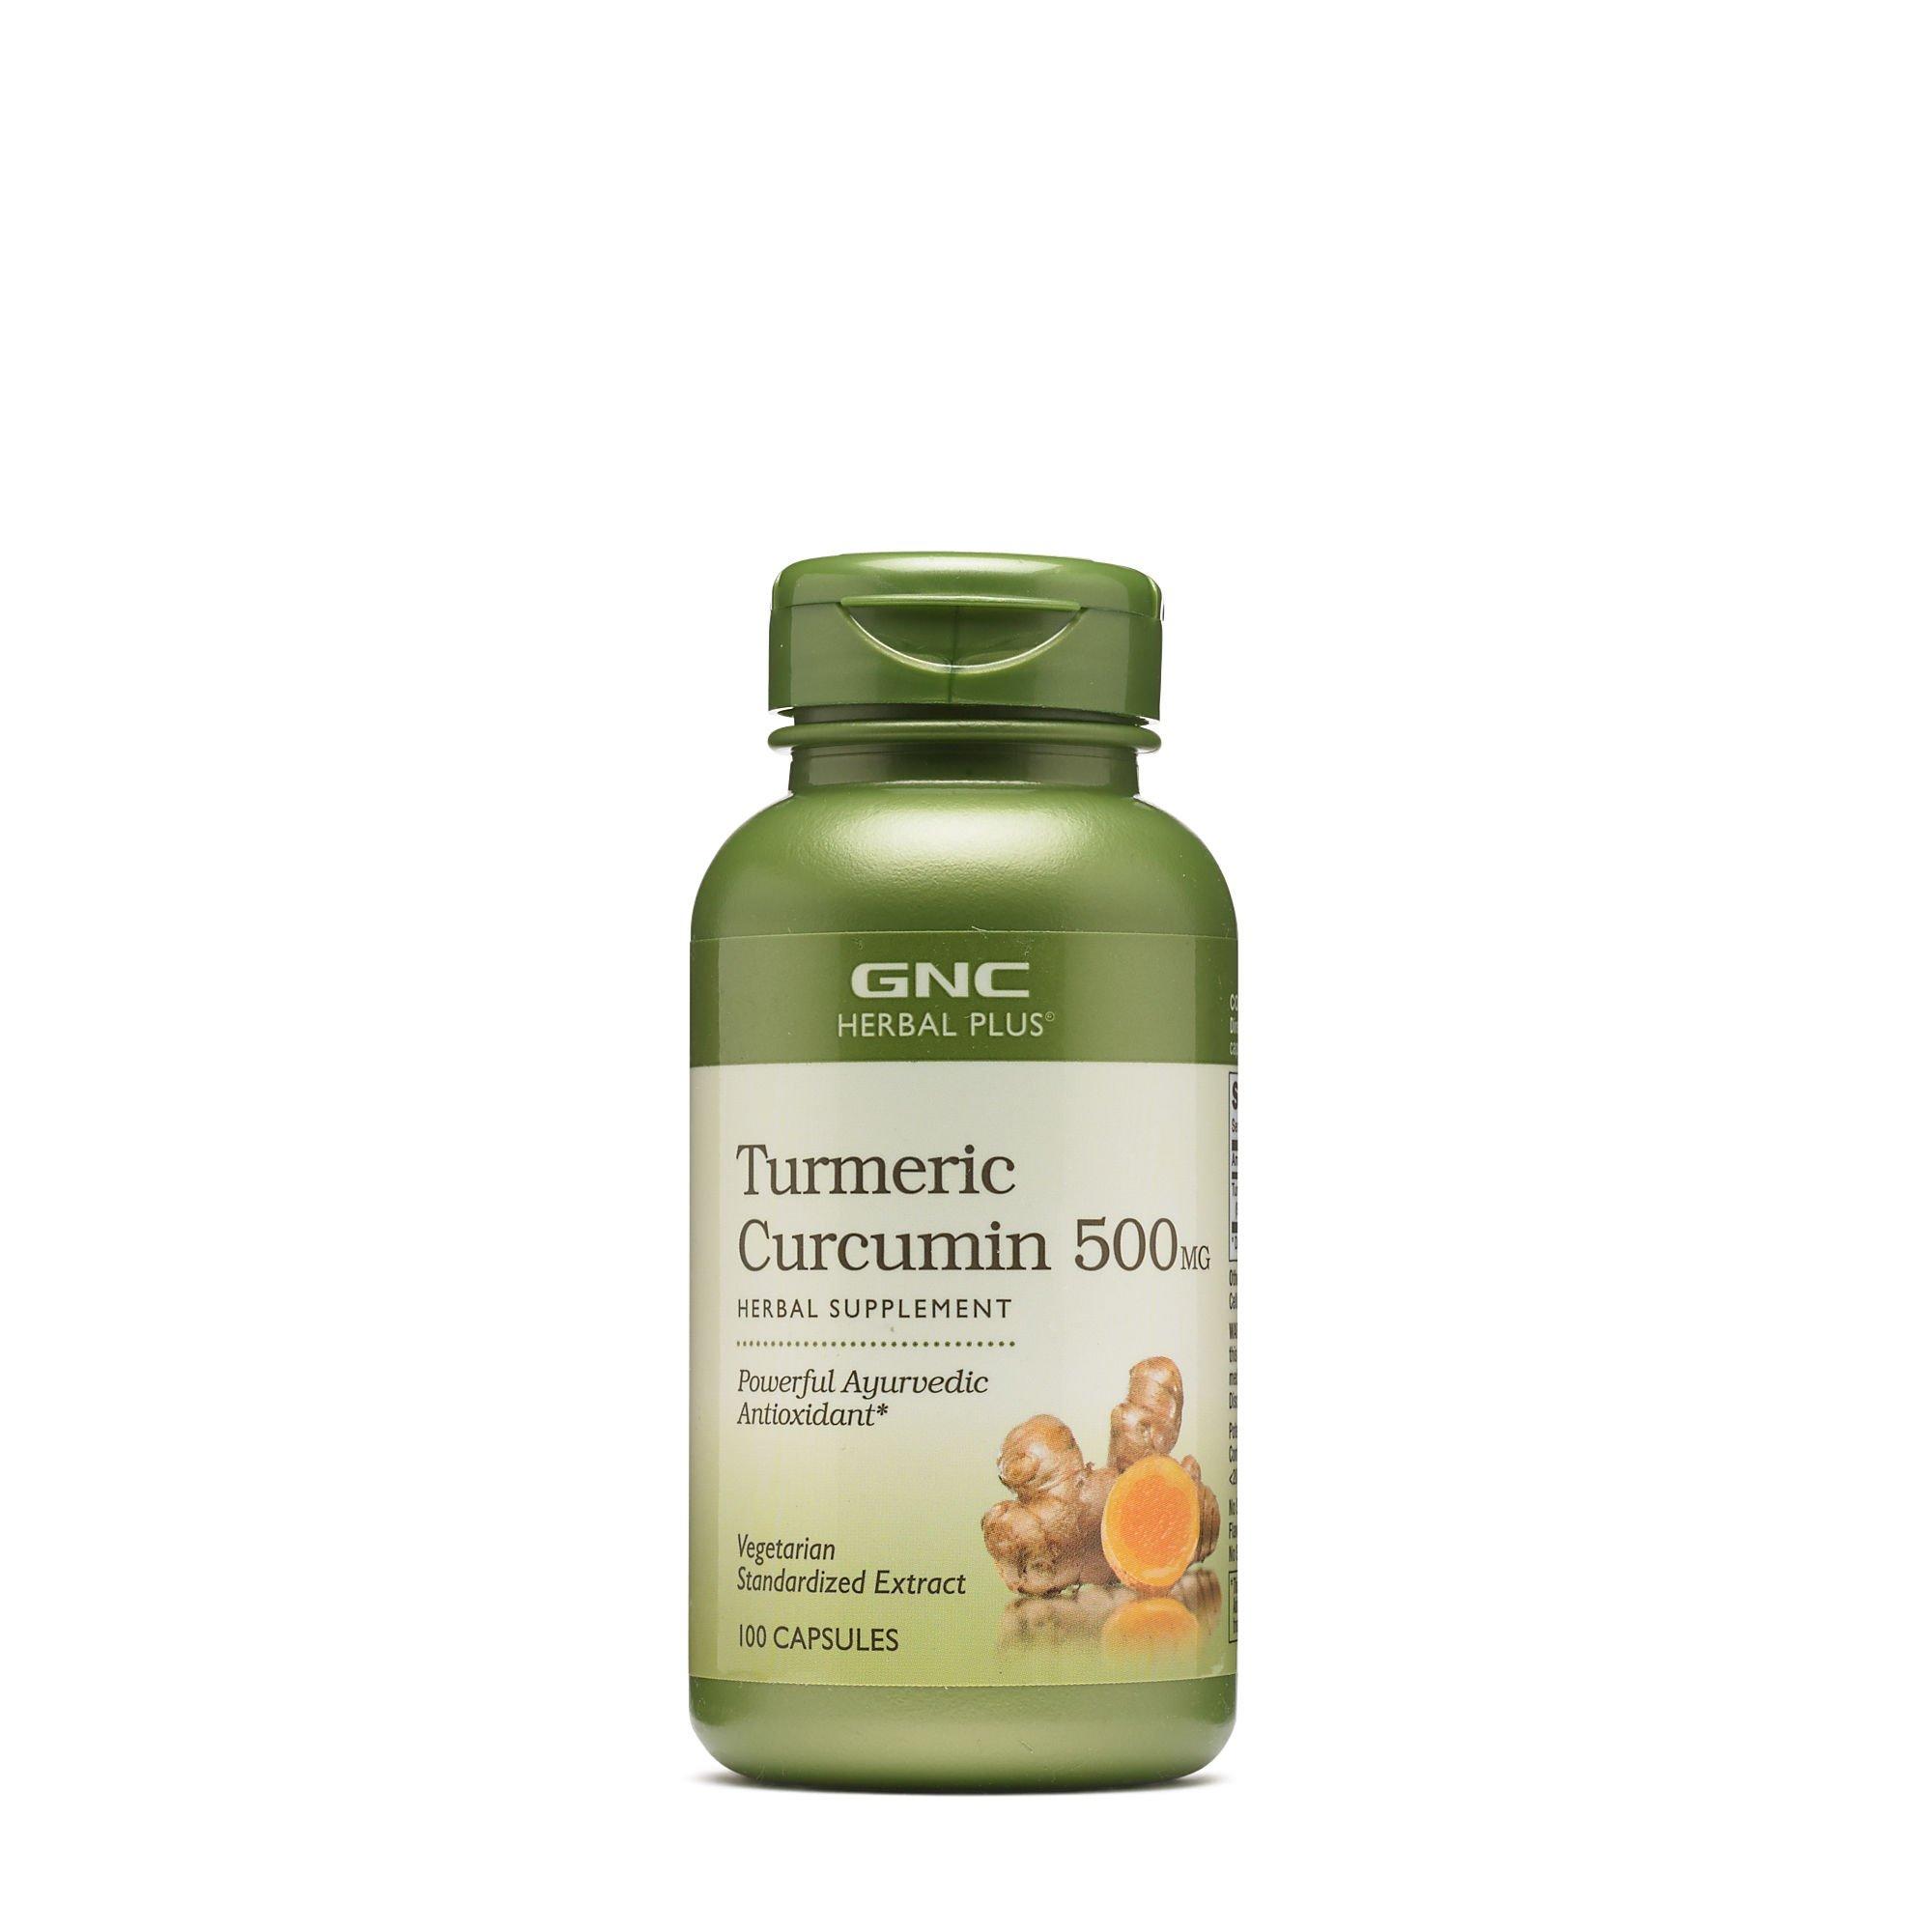 GNC Herbal Plus - Turmeric Curcumin 500mg 100 capsules